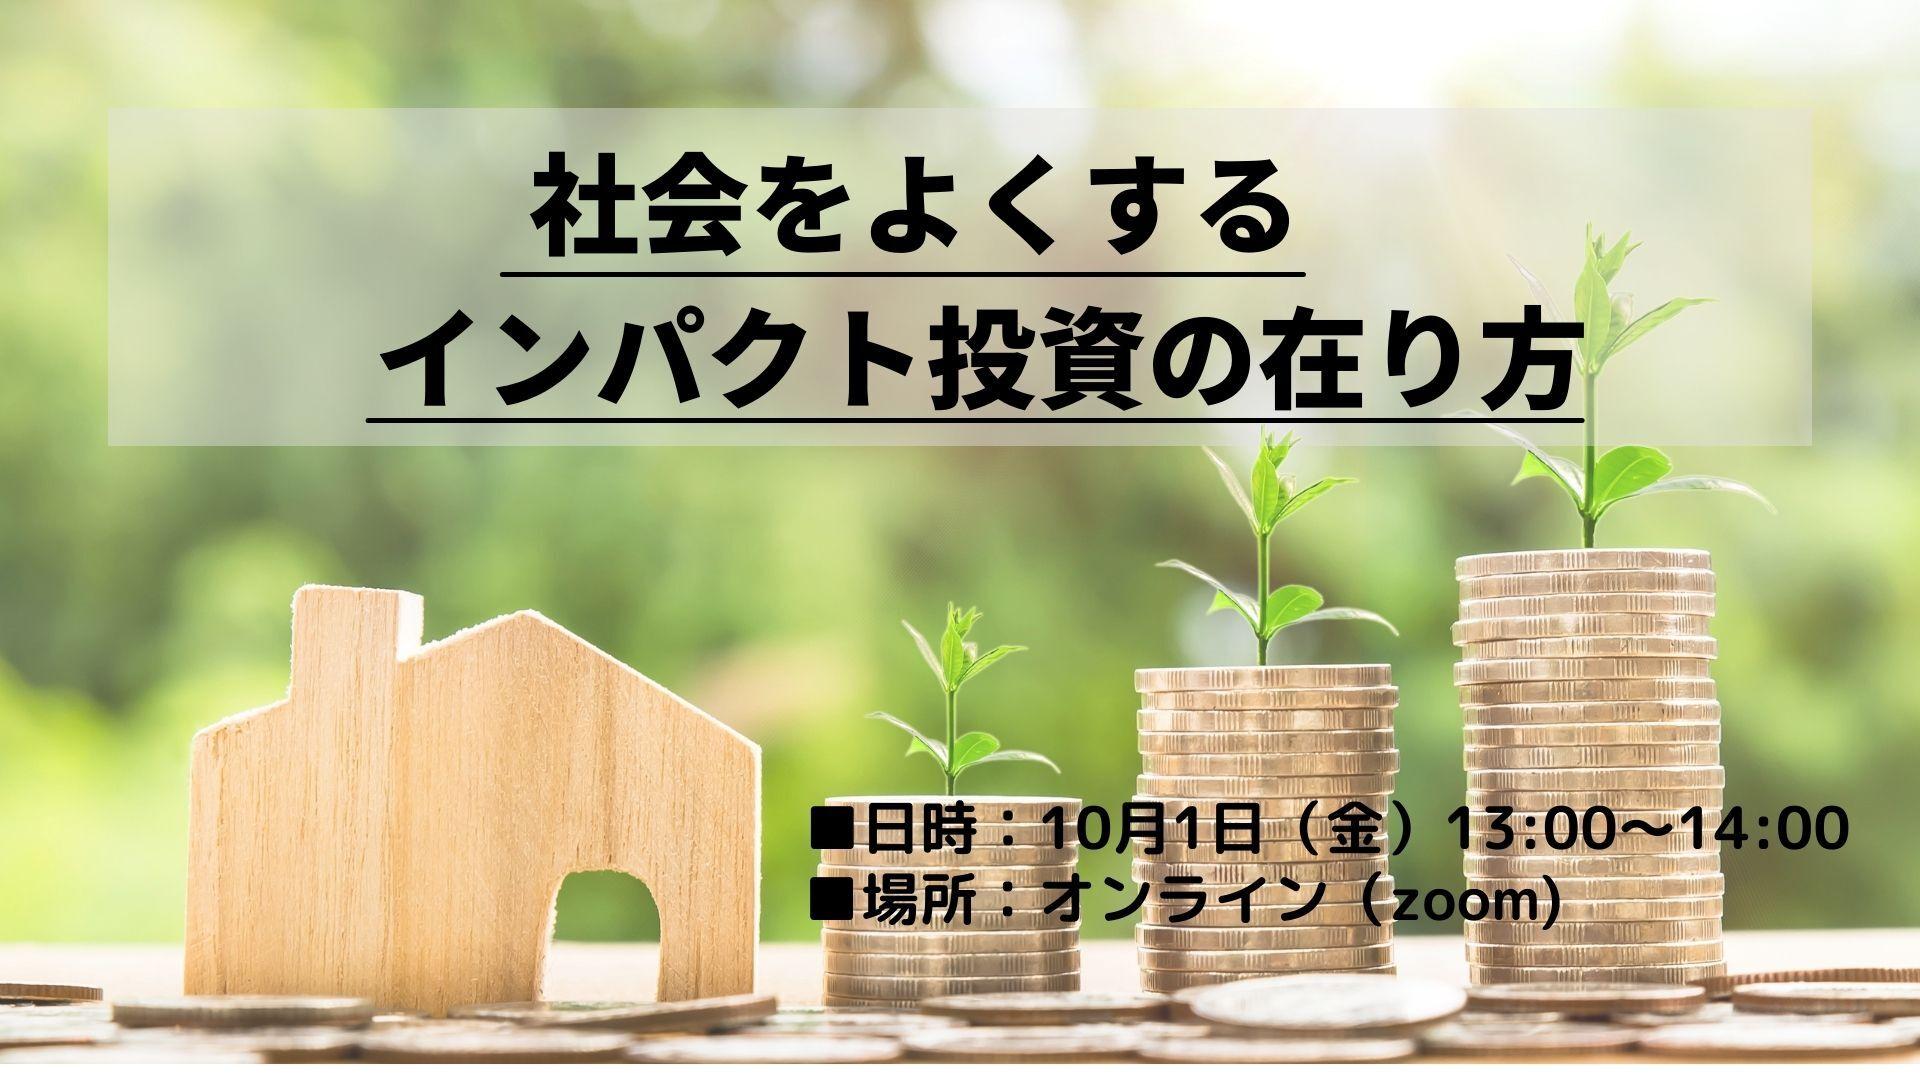 【10/1開催】社会を良くするインパクト投資の在り方